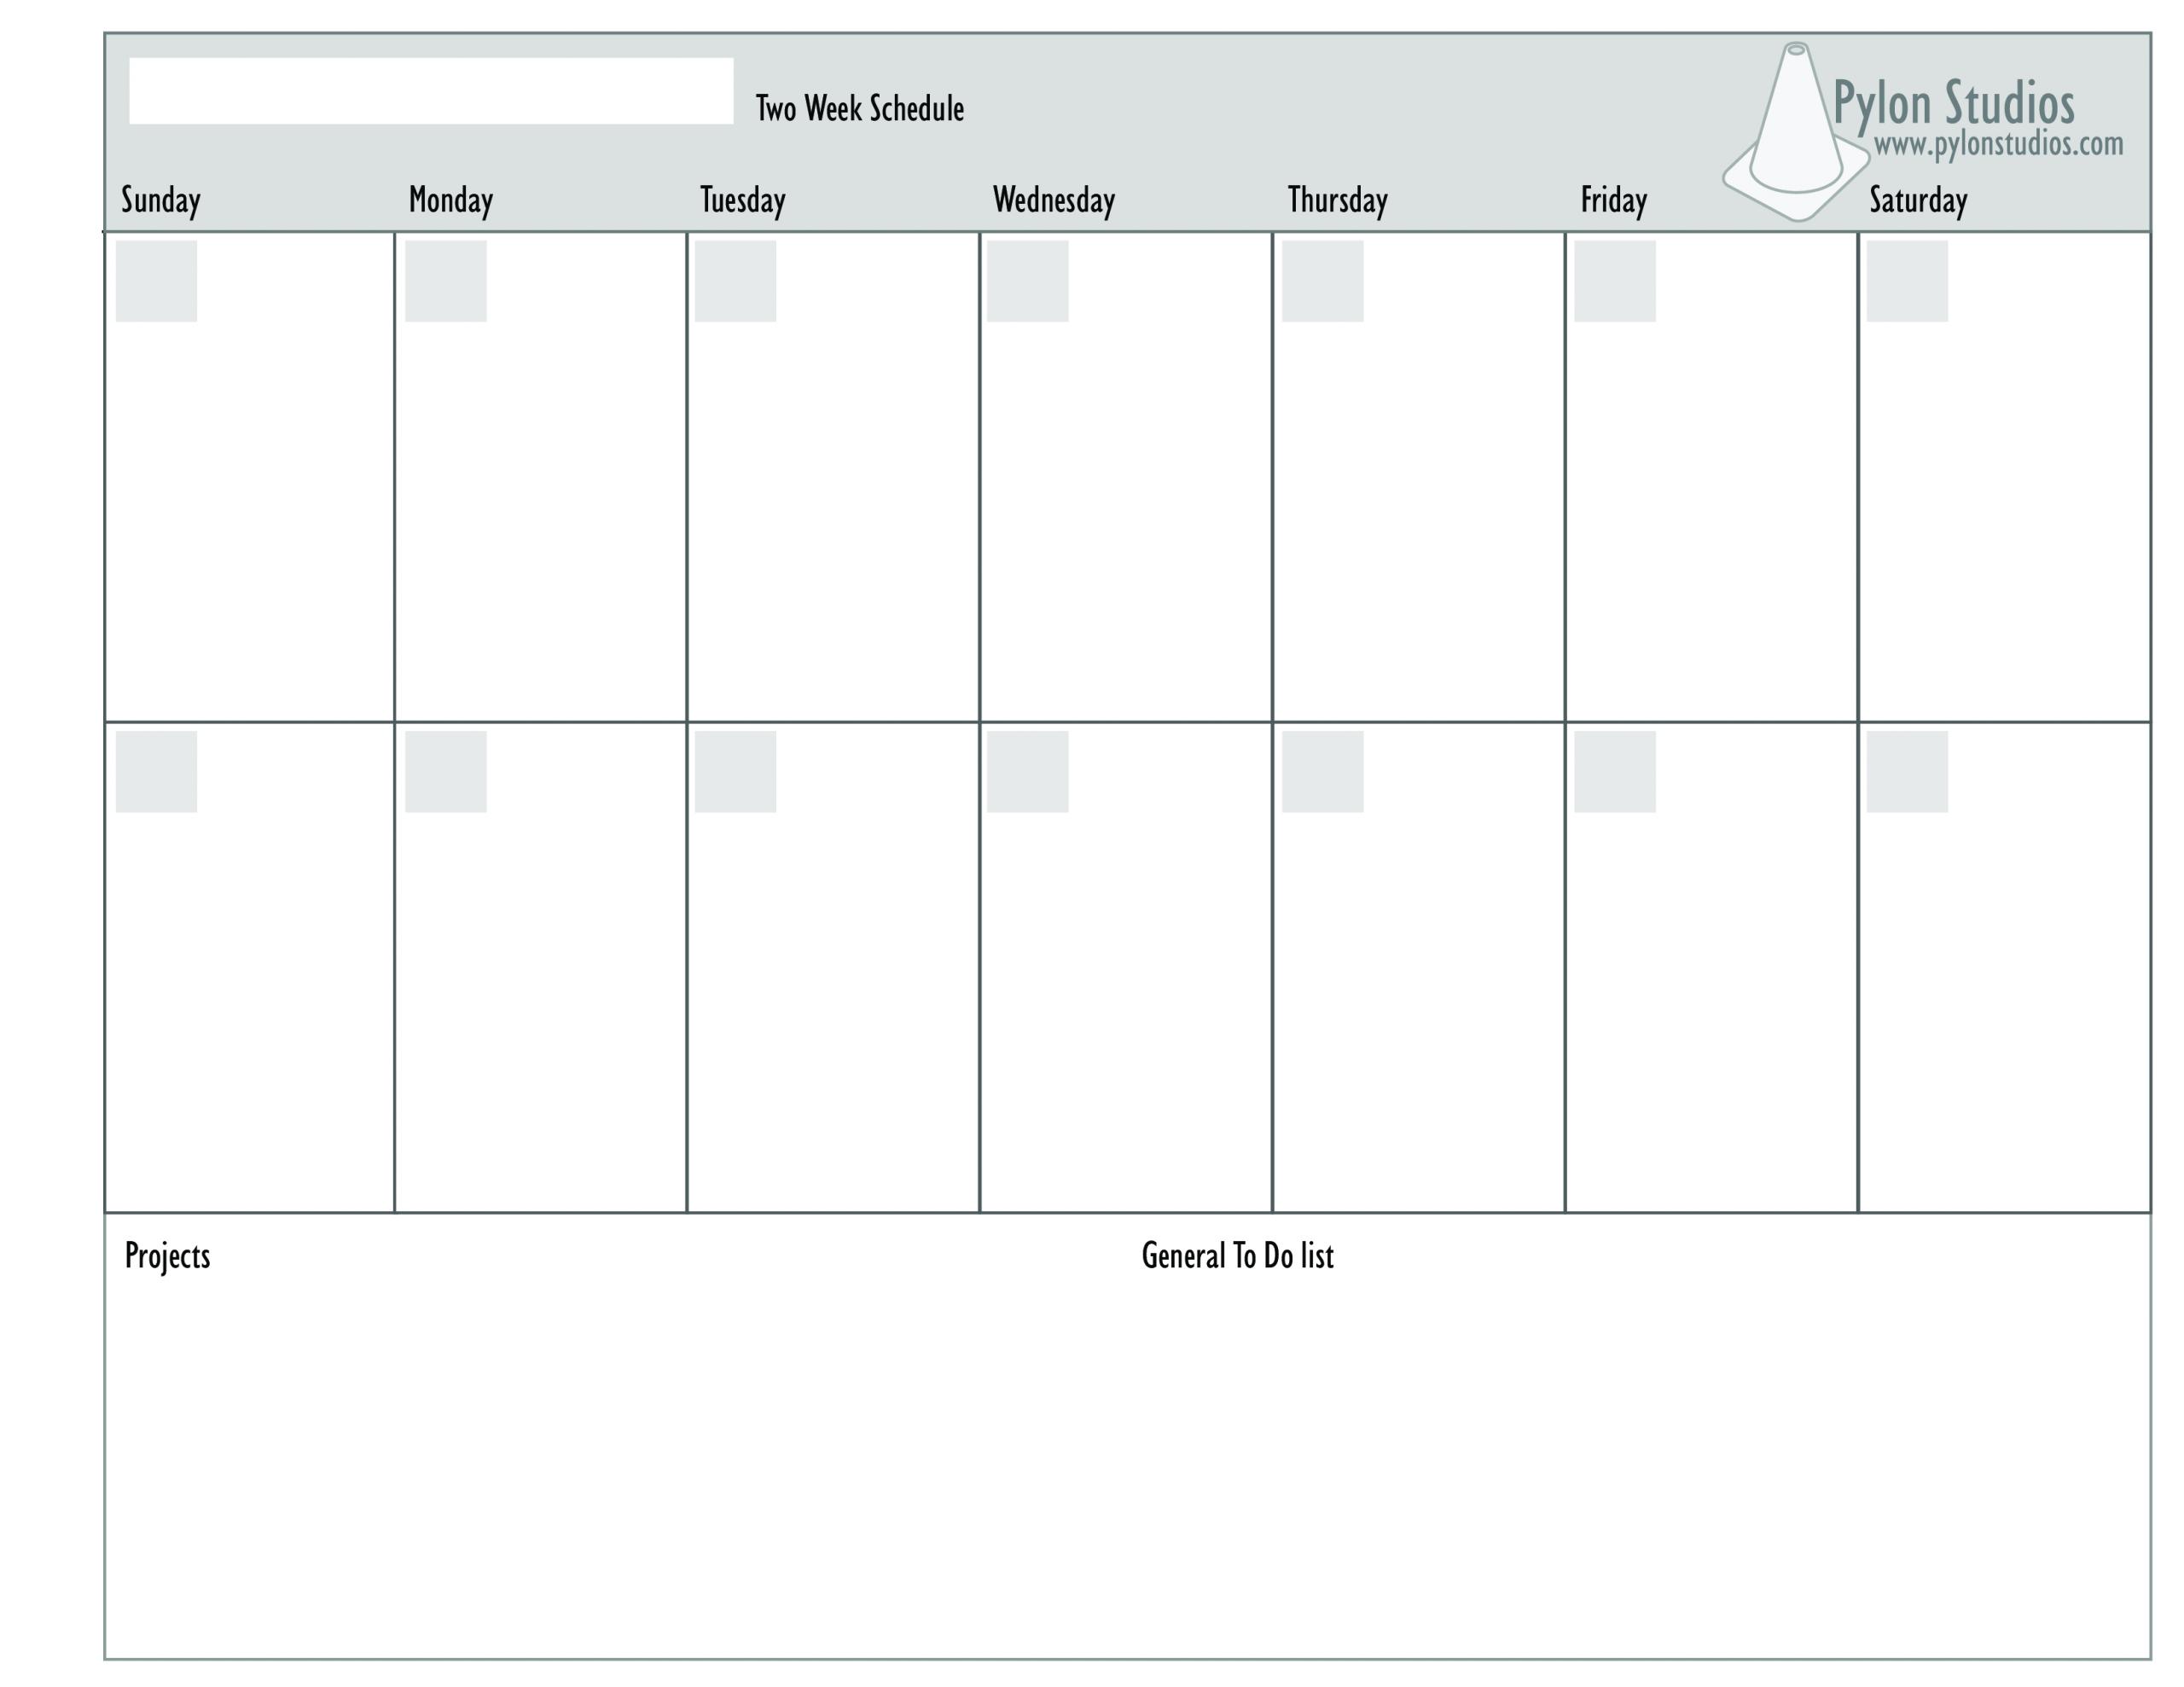 Blank Calender Two Weeks   Example Calendar Printable Blank 2 Week Schedule